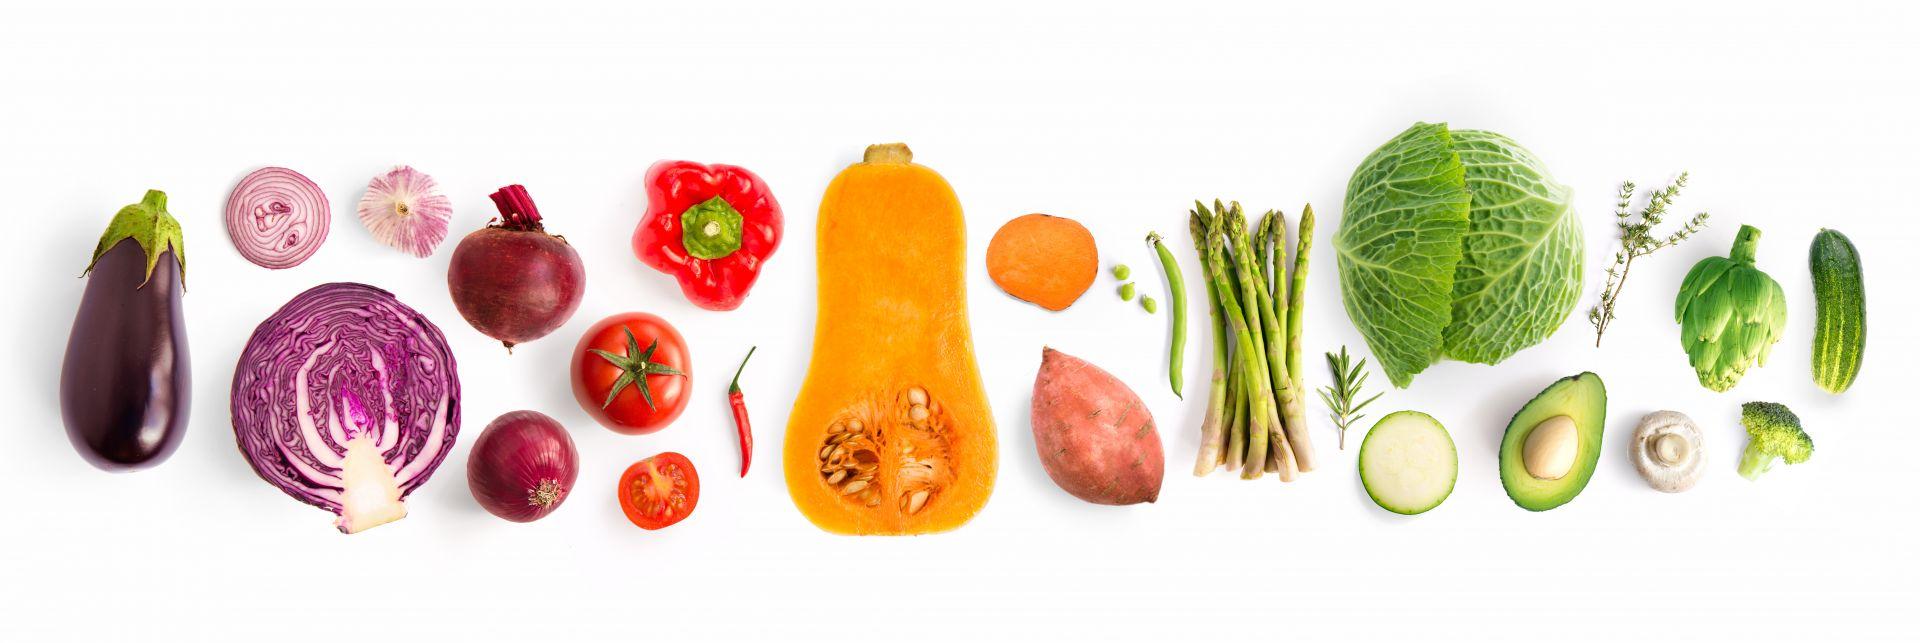 營養師教戰 癌症治療前、中、後期飲食重點